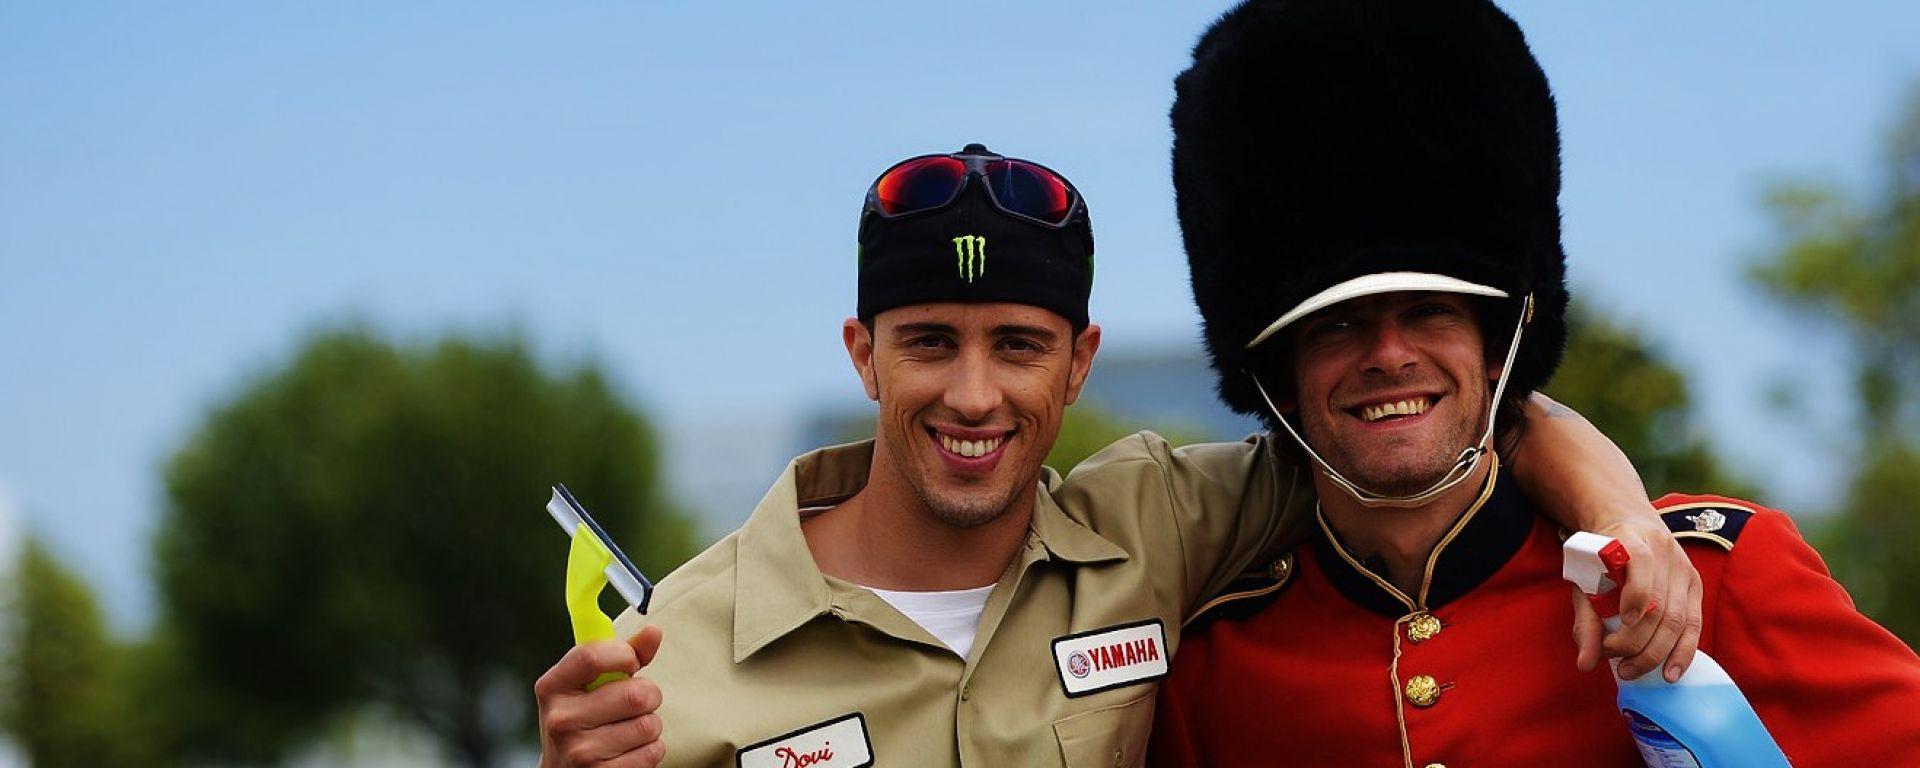 Andrea Dovizioso in Ducati, ora è ufficiale